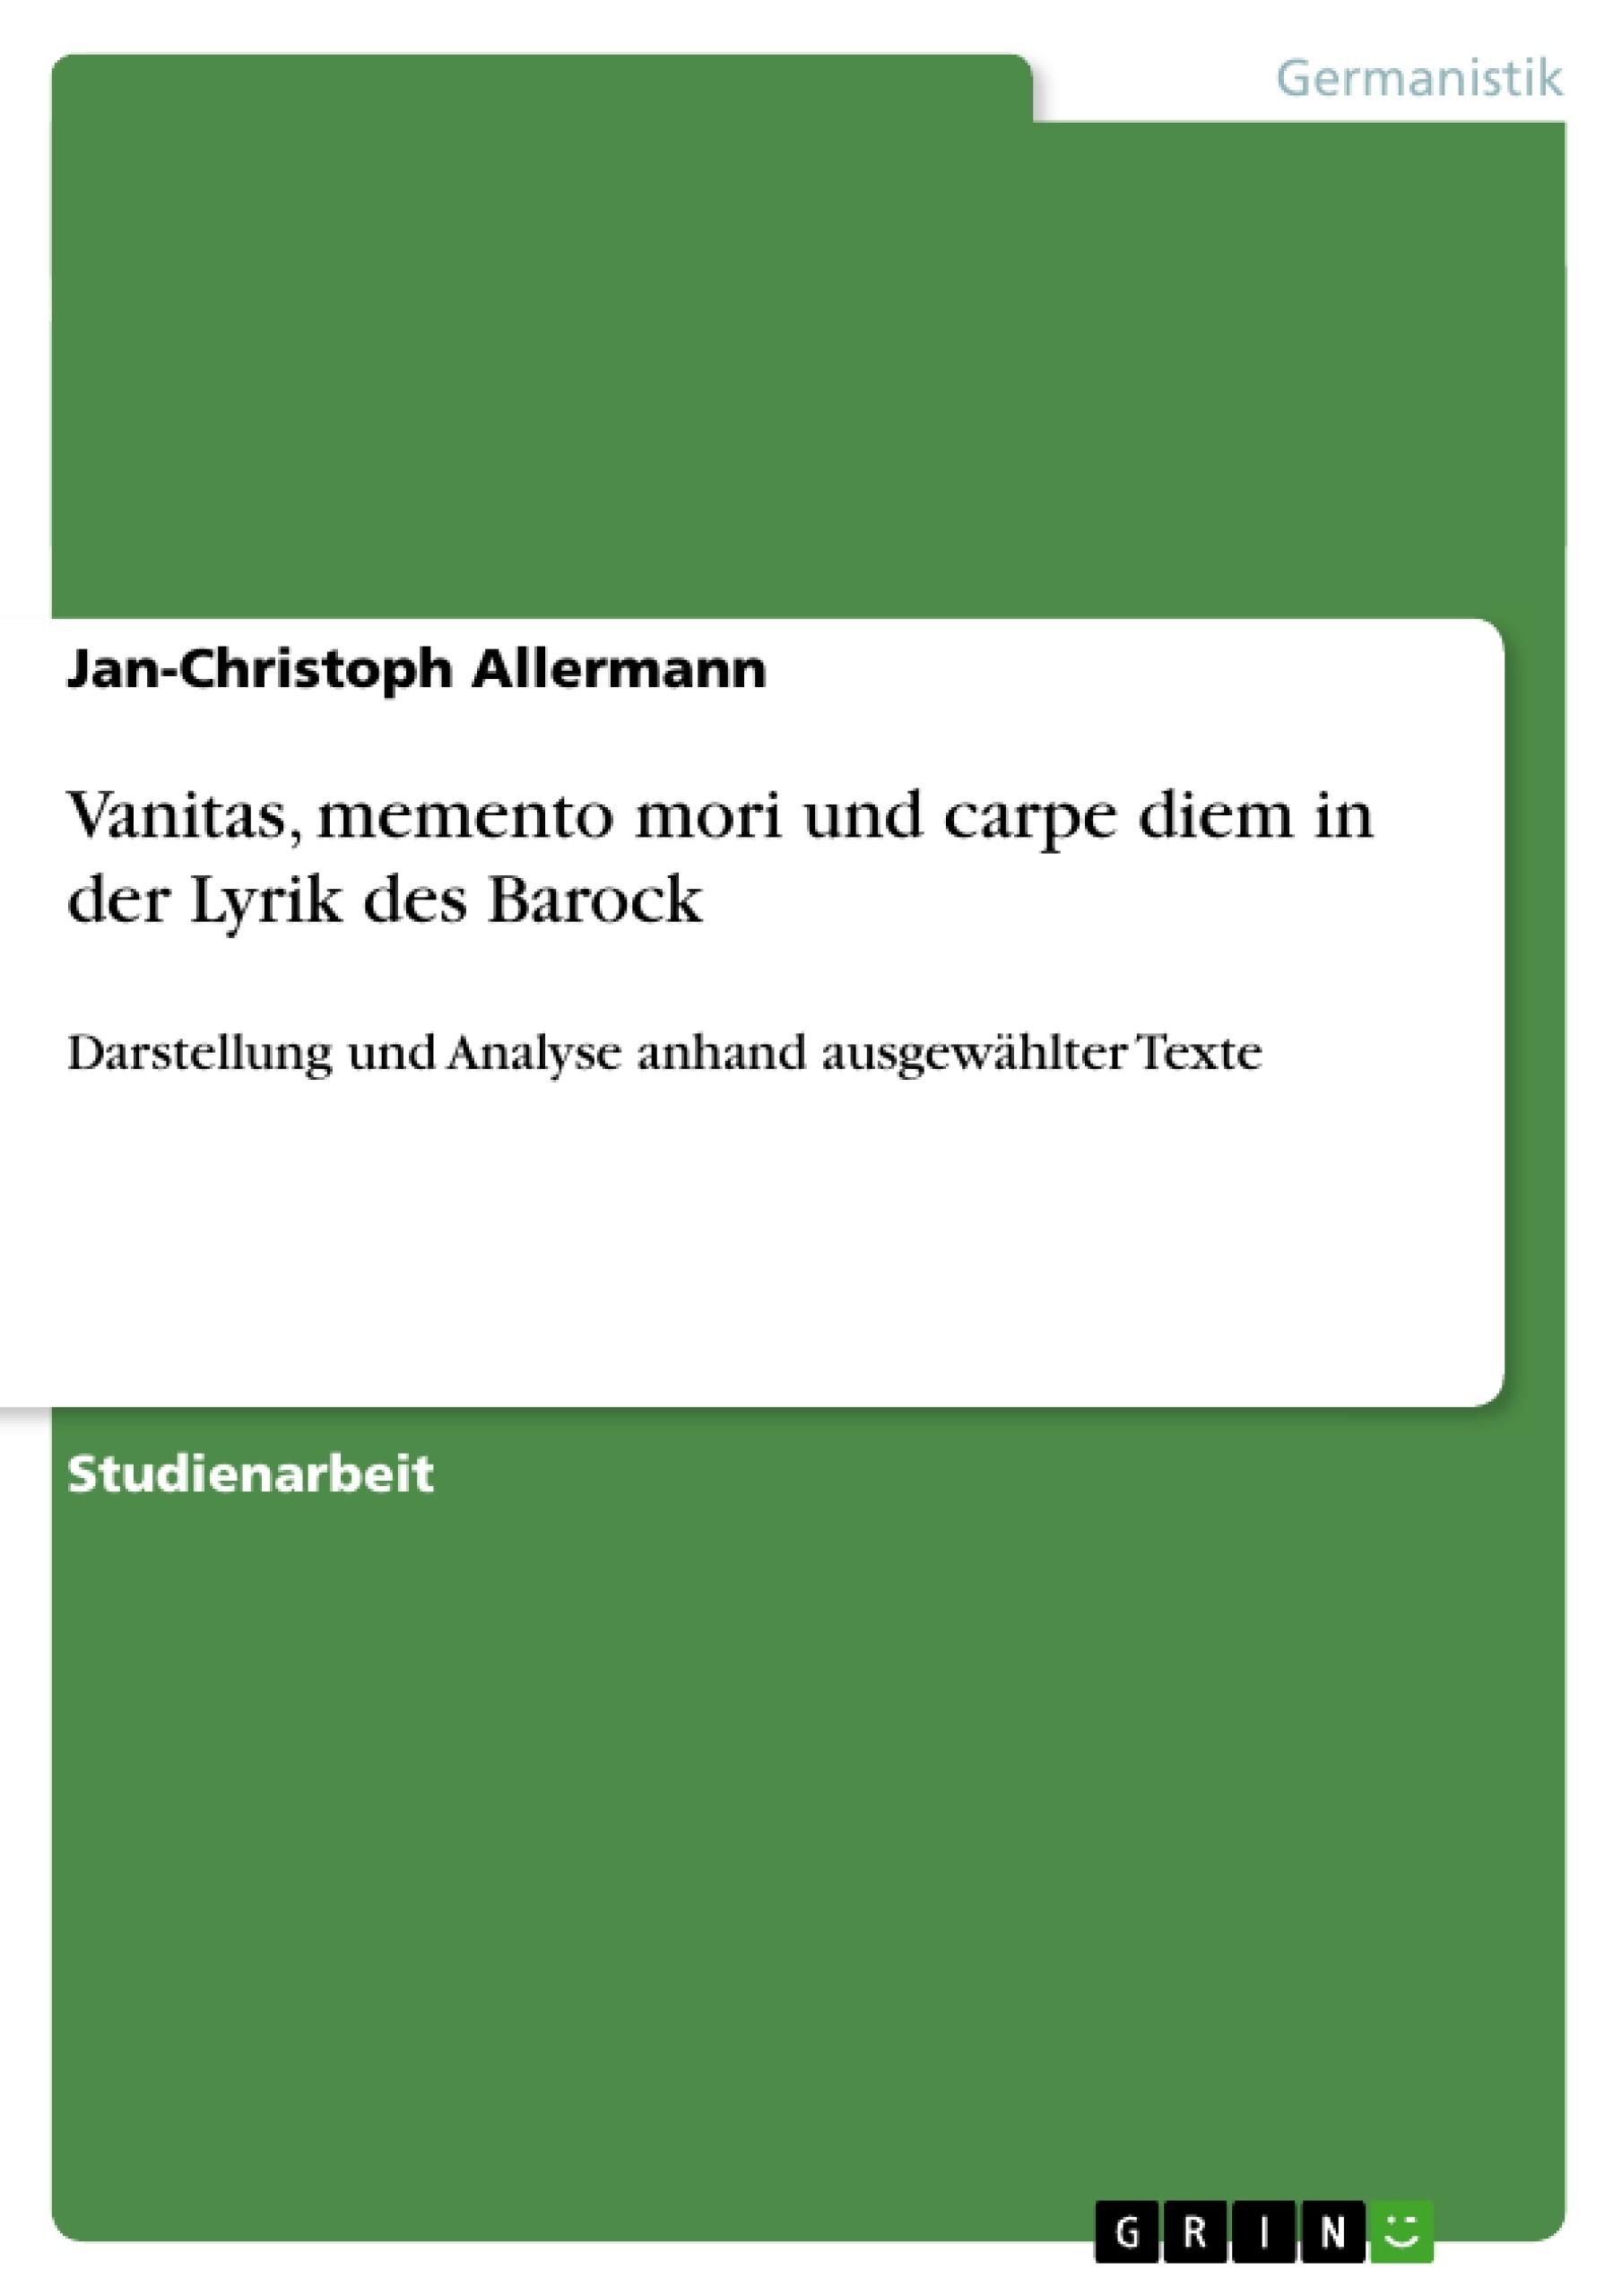 Titel: Vanitas, memento mori und carpe diem in der Lyrik des Barock